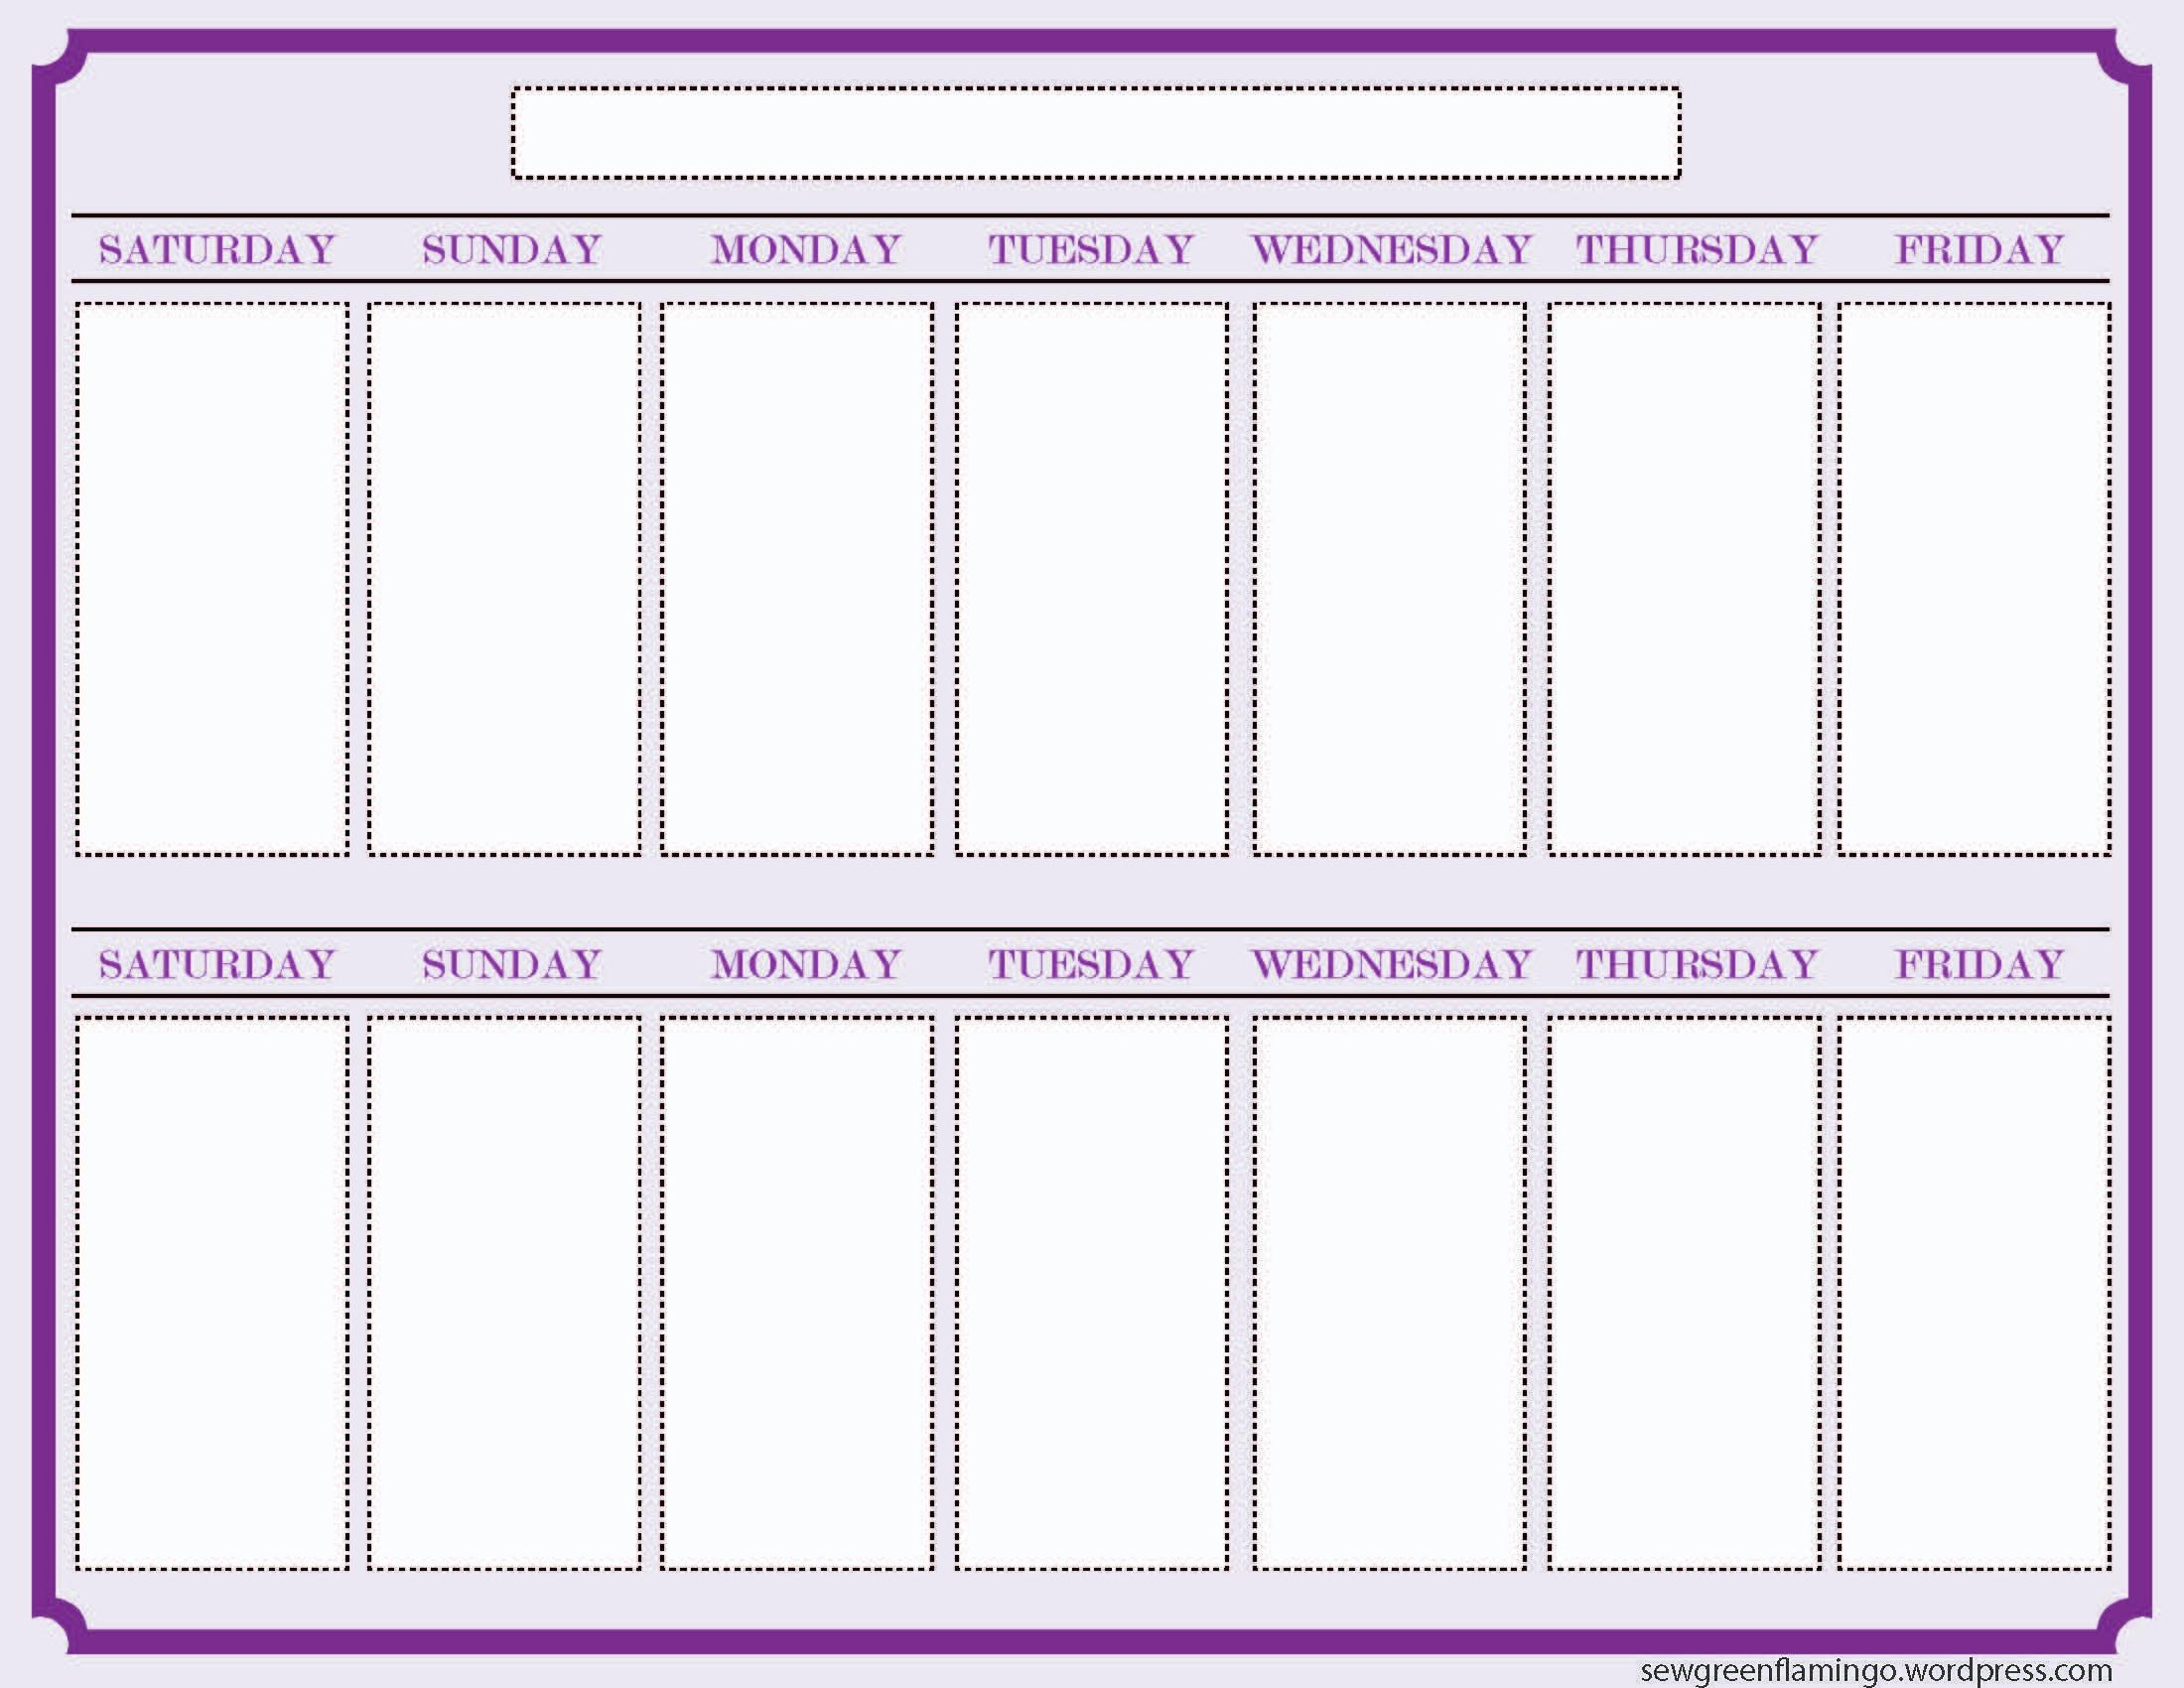 Getting Organized! 2-Week Planner | Free Weekly Calendar